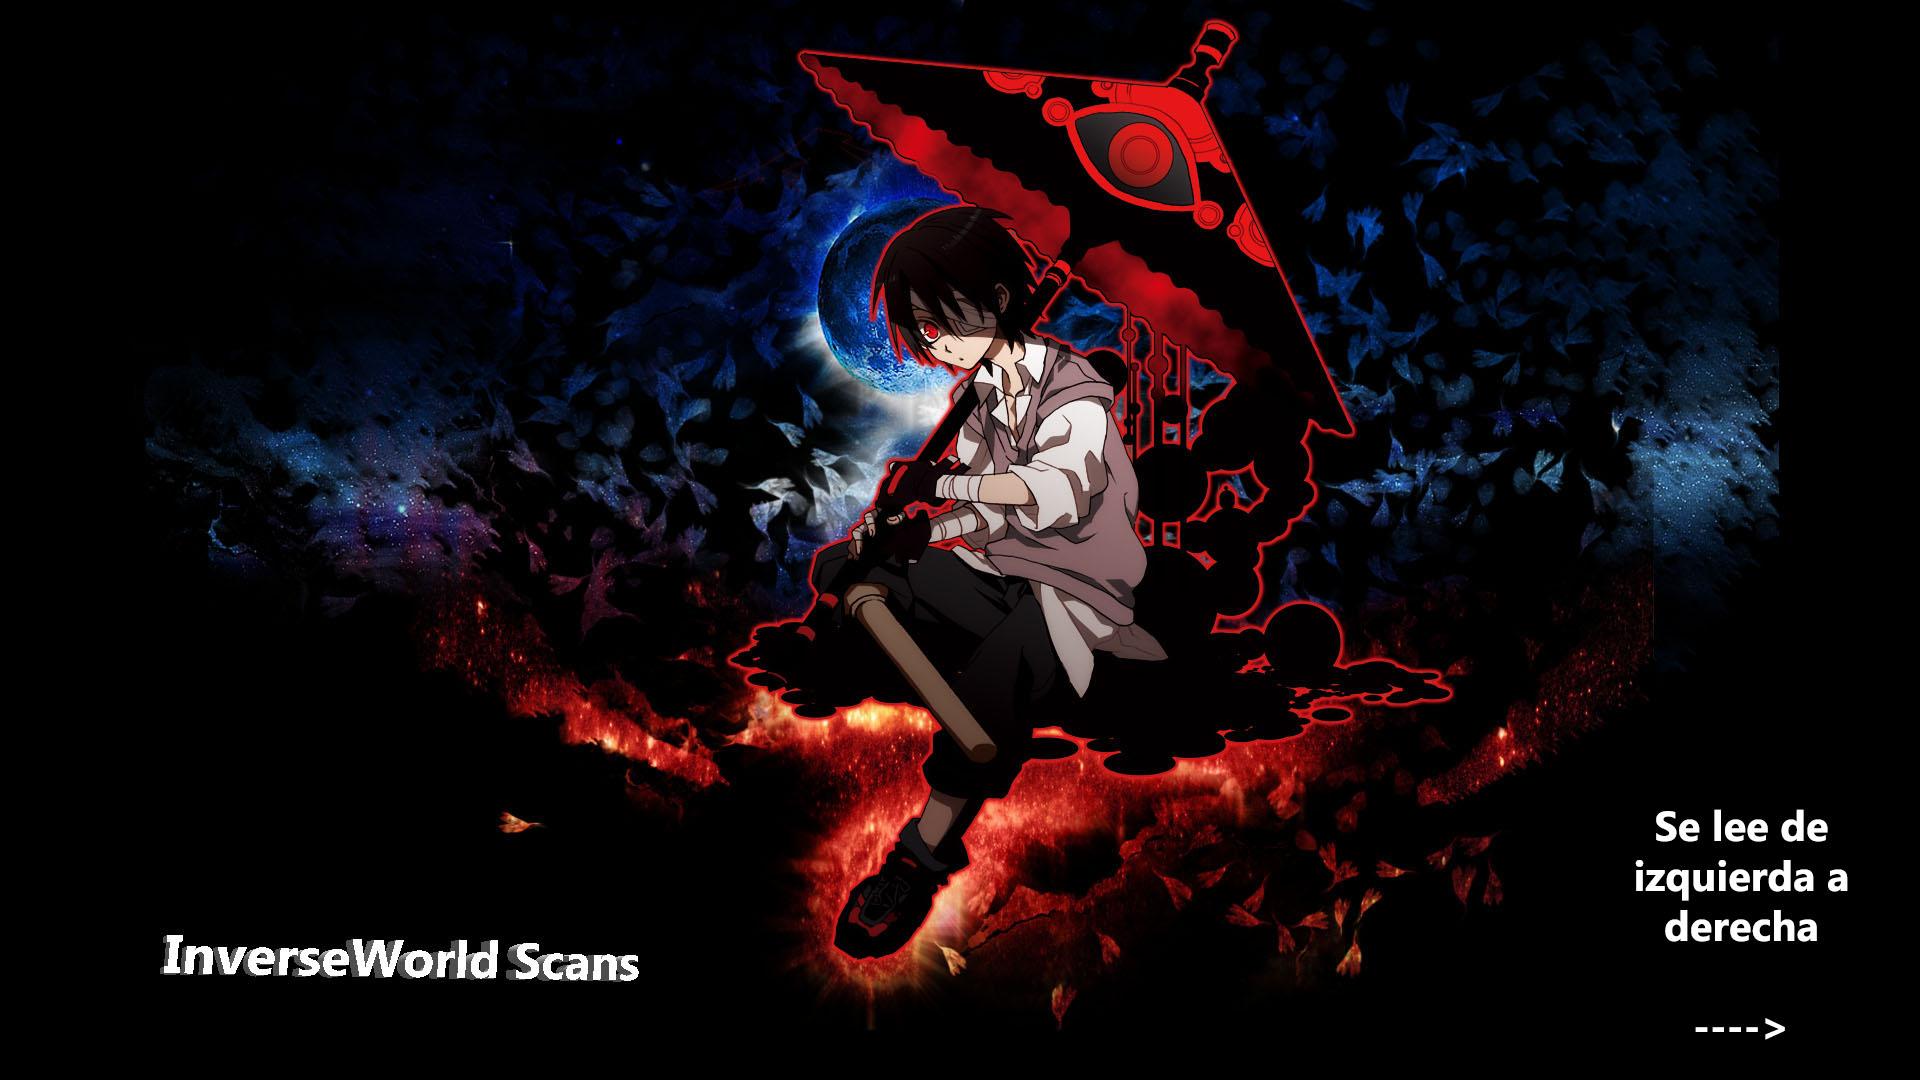 https://c5.mangatag.com/es_manga/18/16210/390089/53a5bd61dfc6a512ba5da320ed0e4494.jpg Page 1